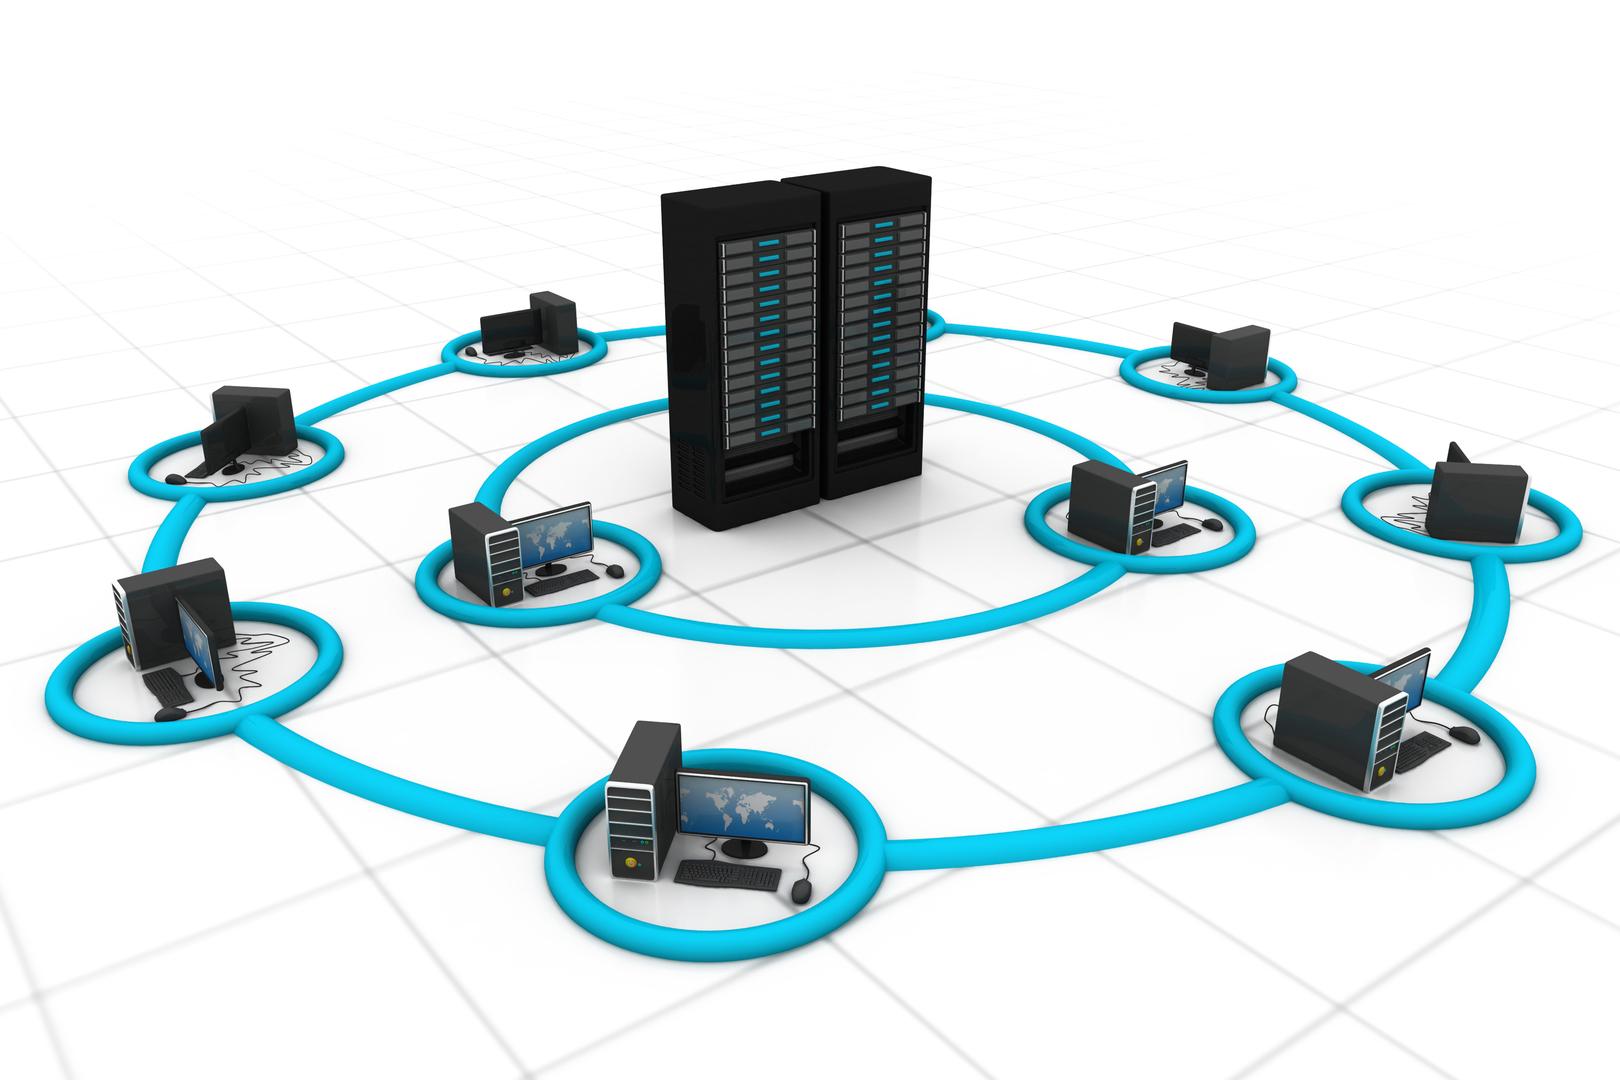 Budled Services Platform